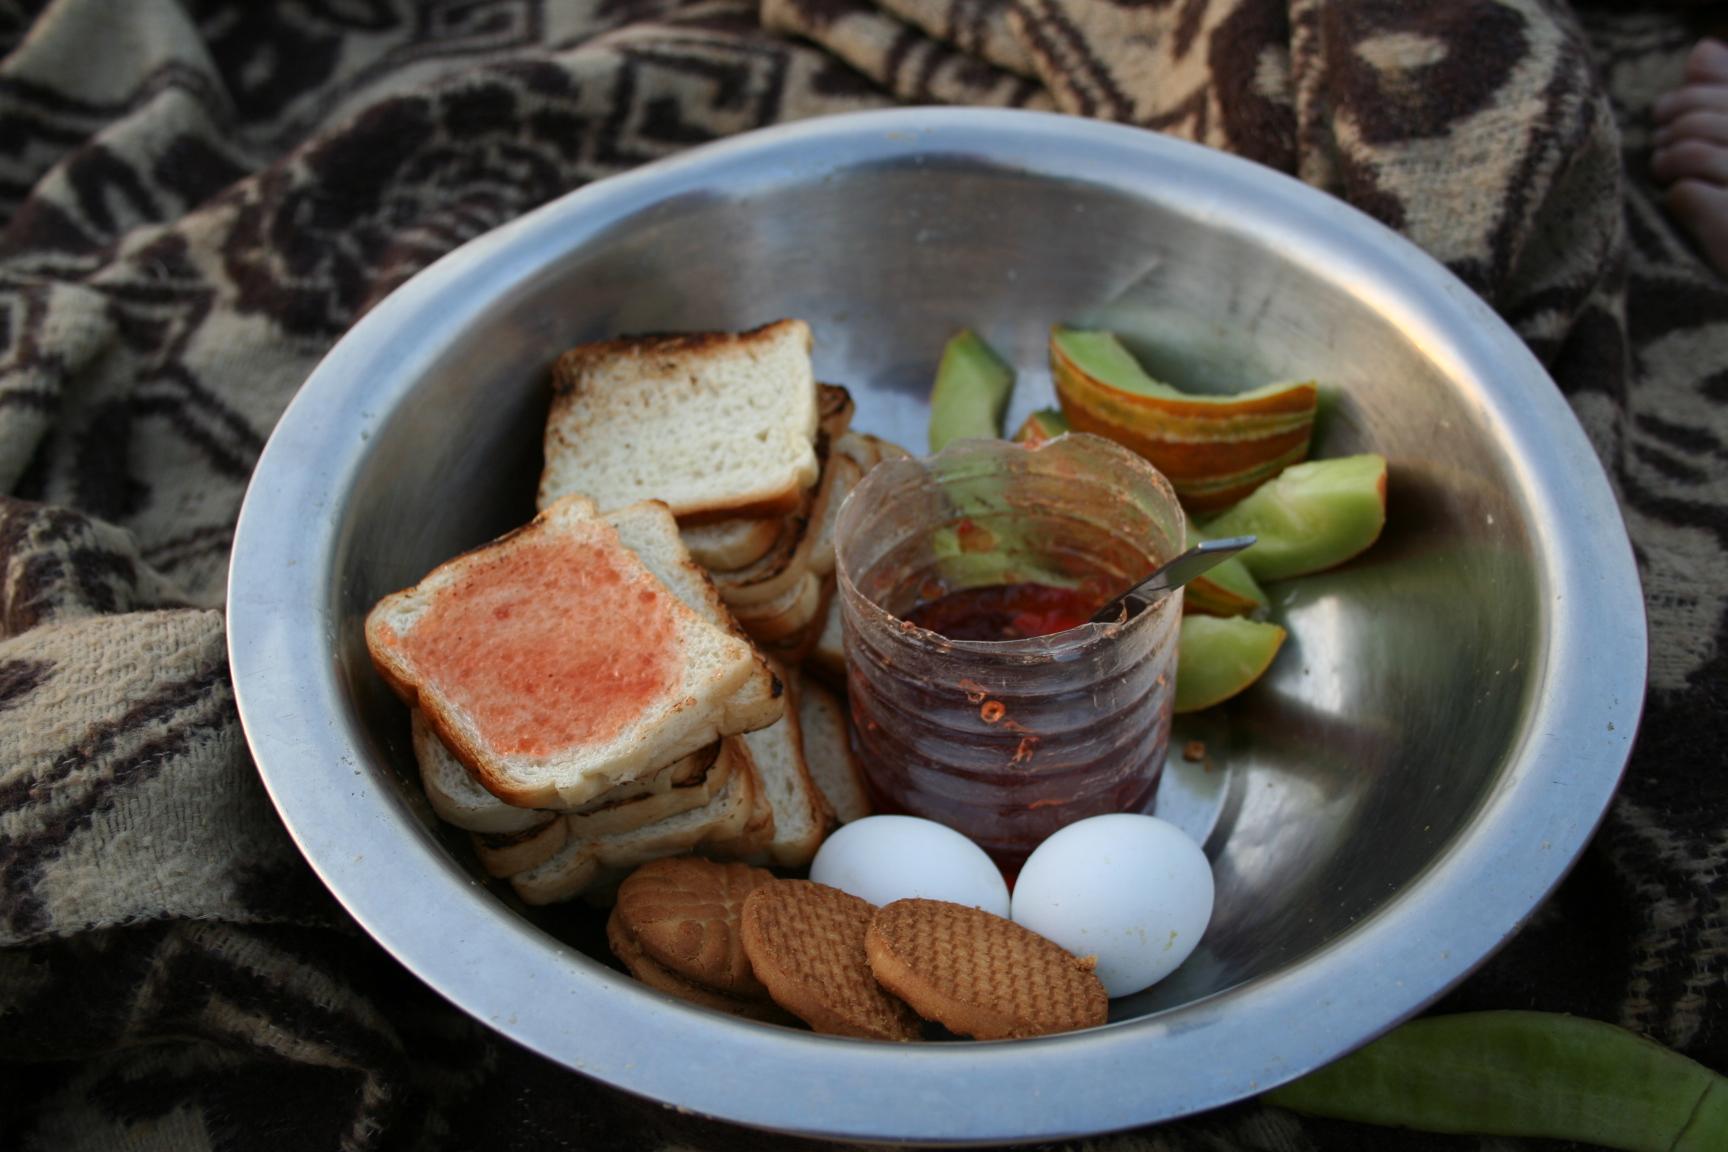 Jaisalmer - breakfast in the desert